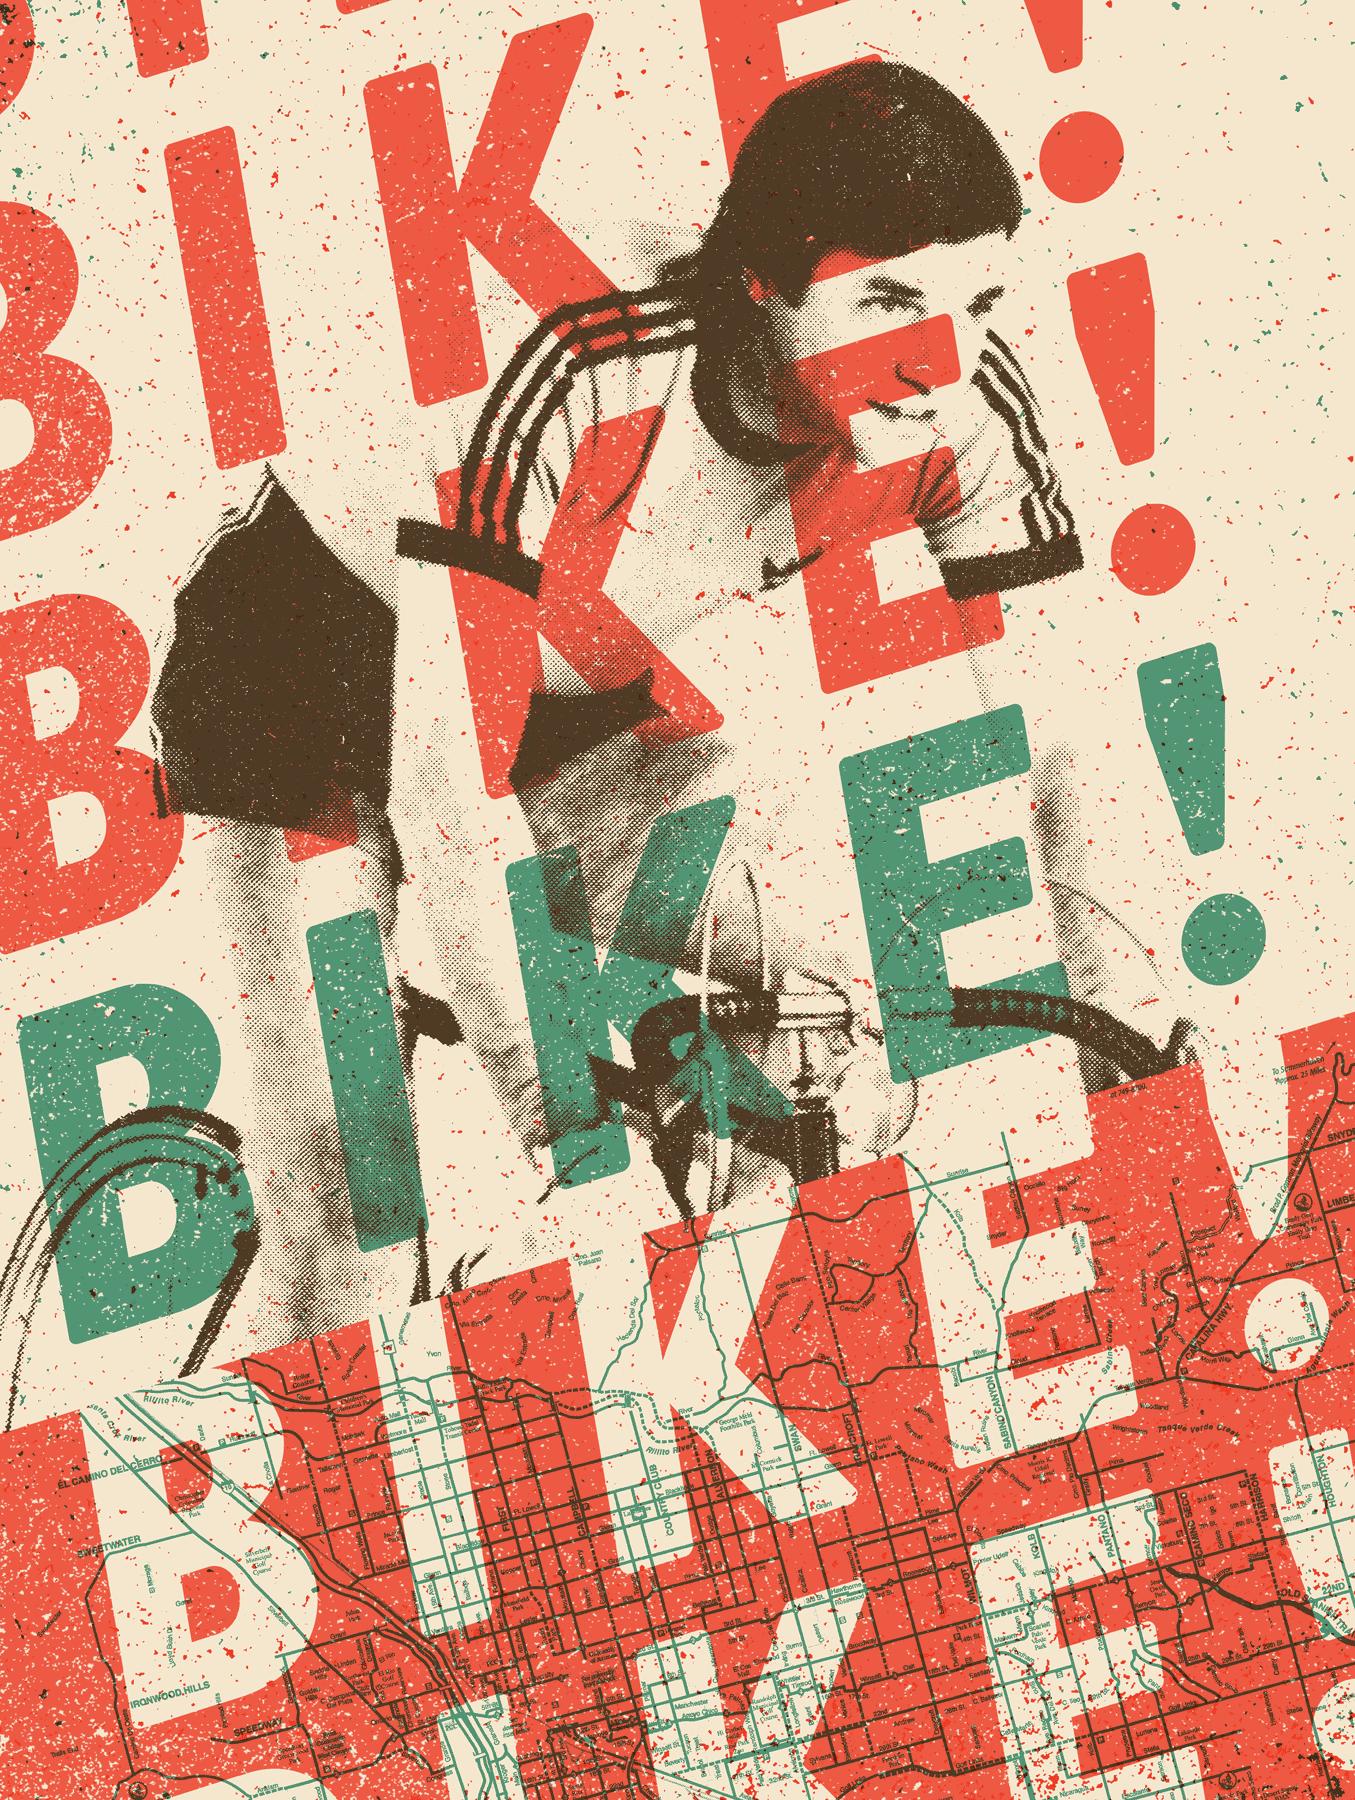 velociprints-bikebikebike-large.png (1355×1800)